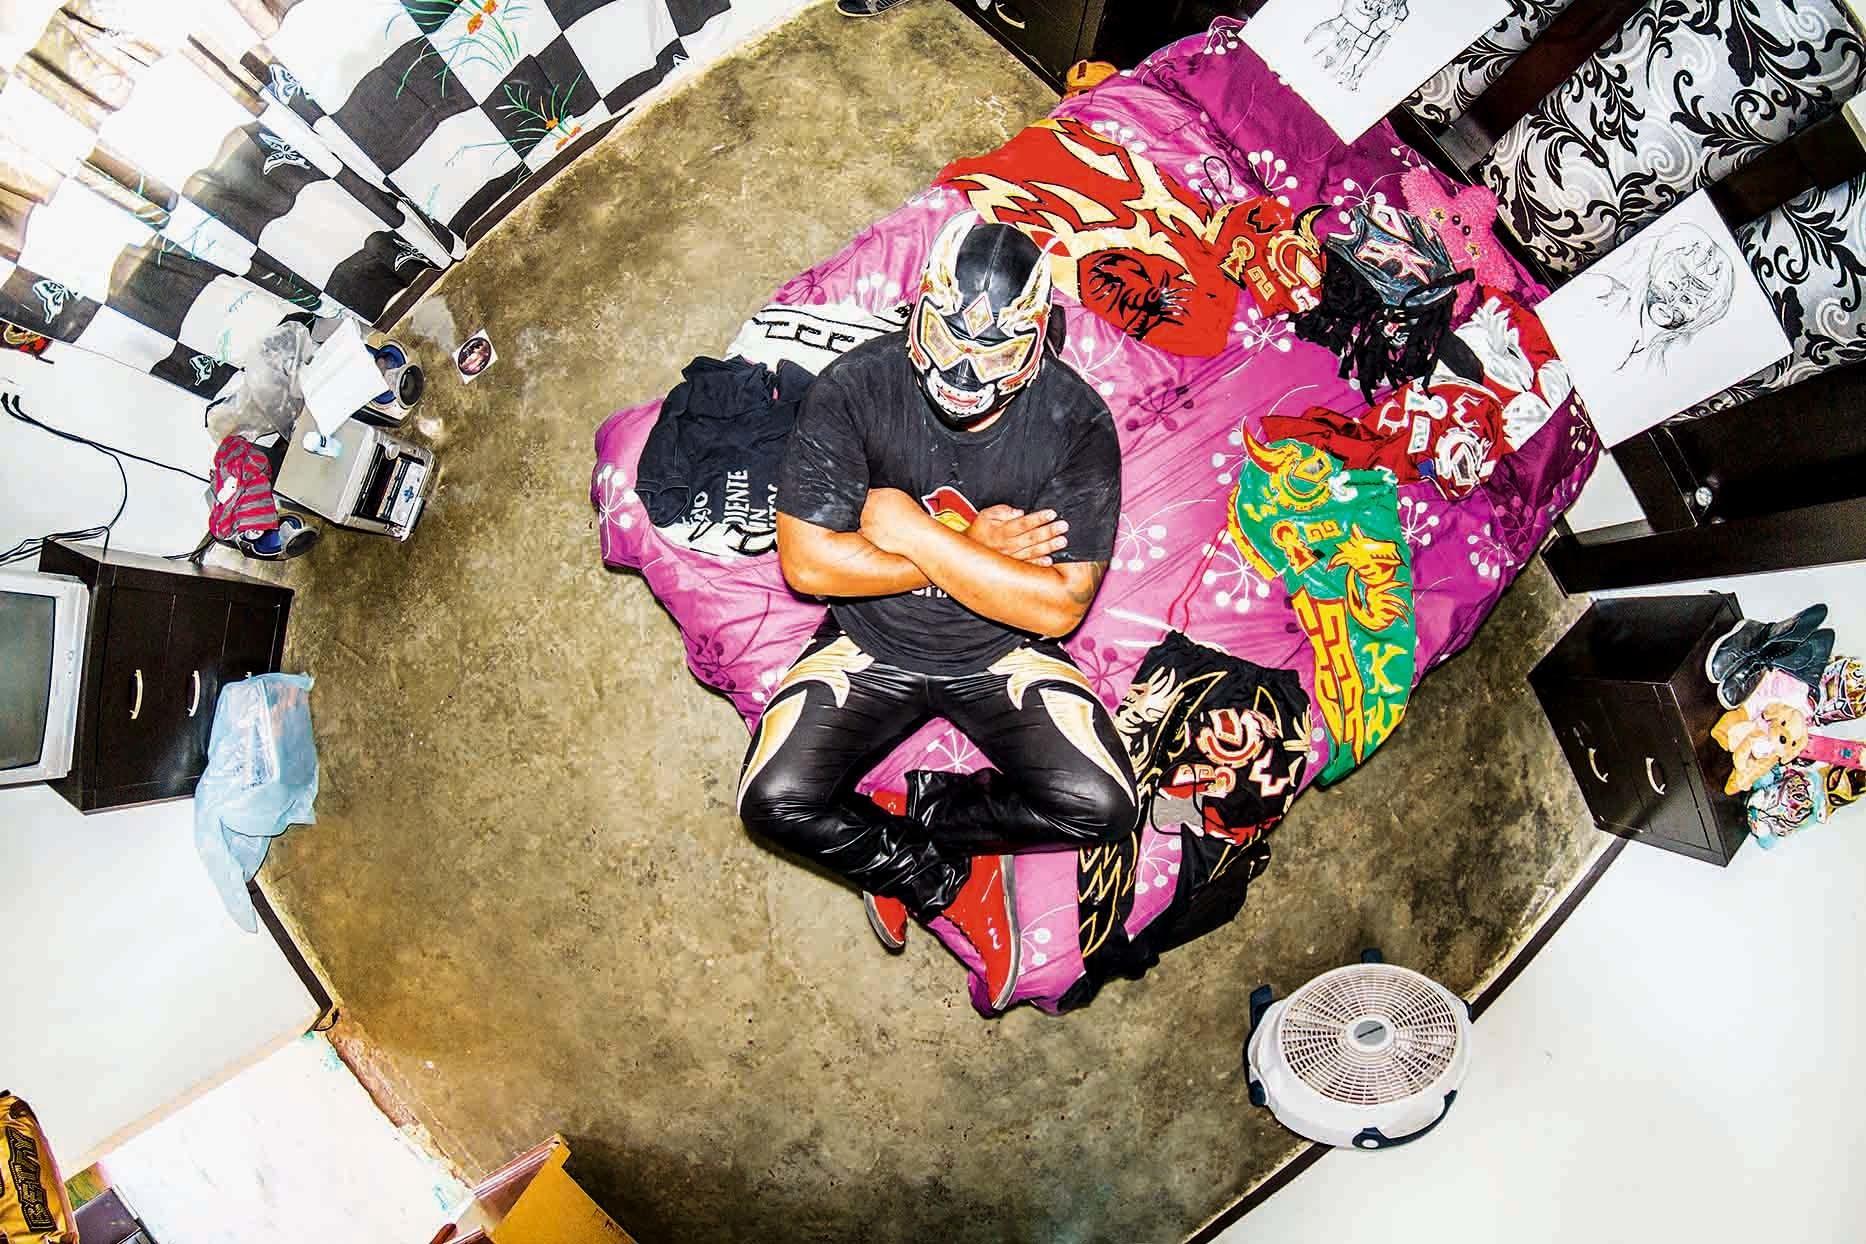 伝統的プロレスラーの部屋(メキシコ)King Warrior II